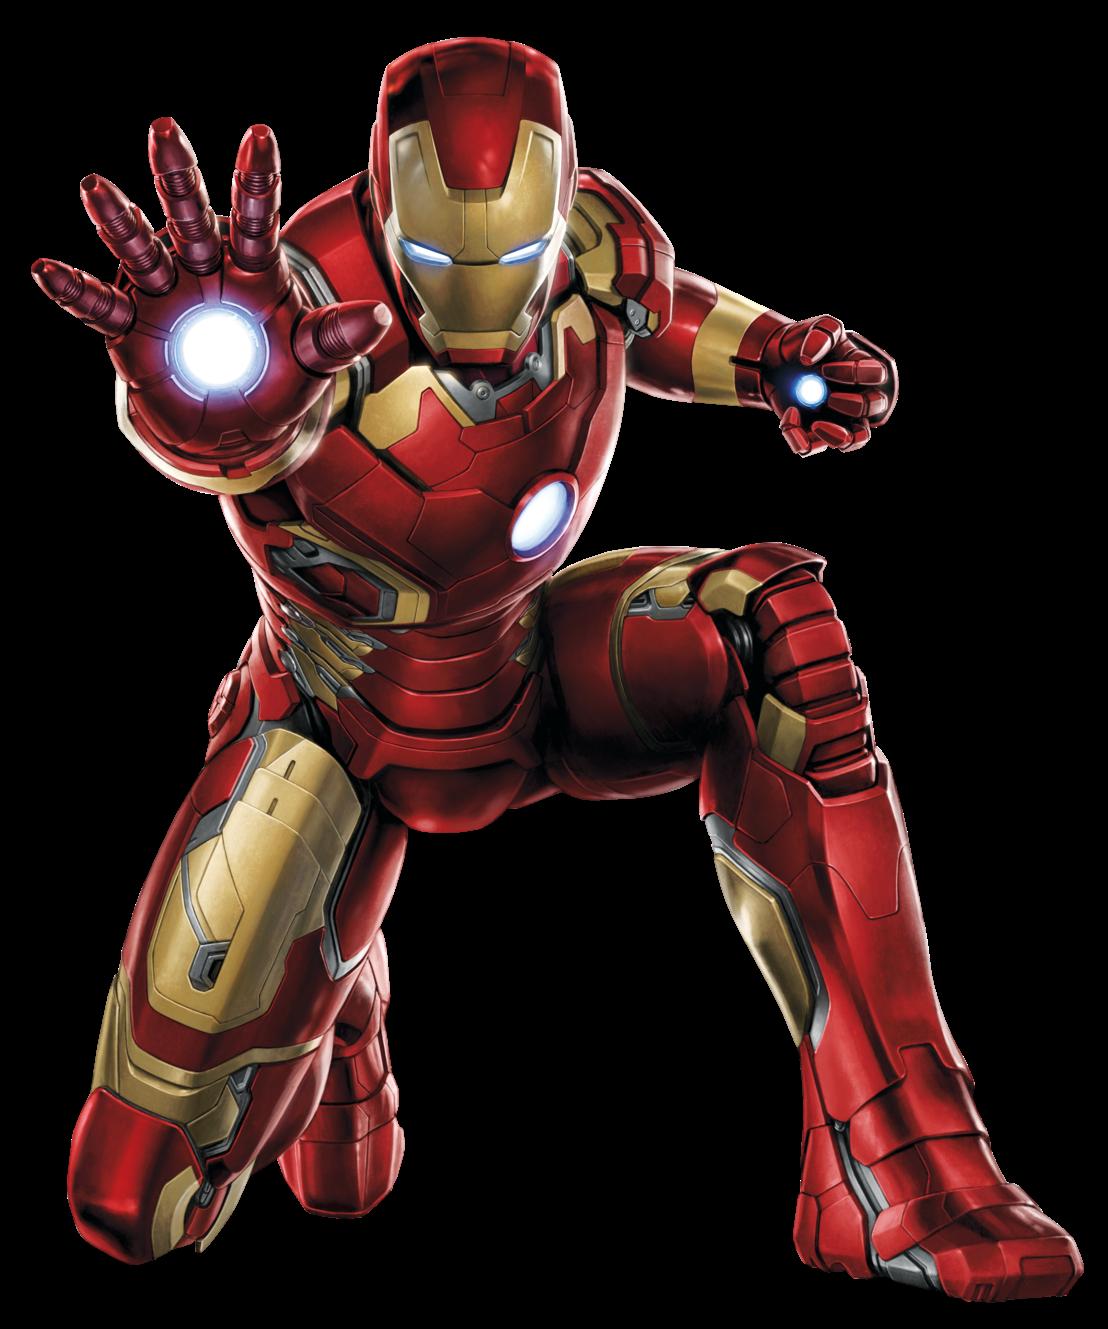 bambino immagini dettagliate modelli di grande varietà Costume di Carnevale per bambini Iron Man low cost ...